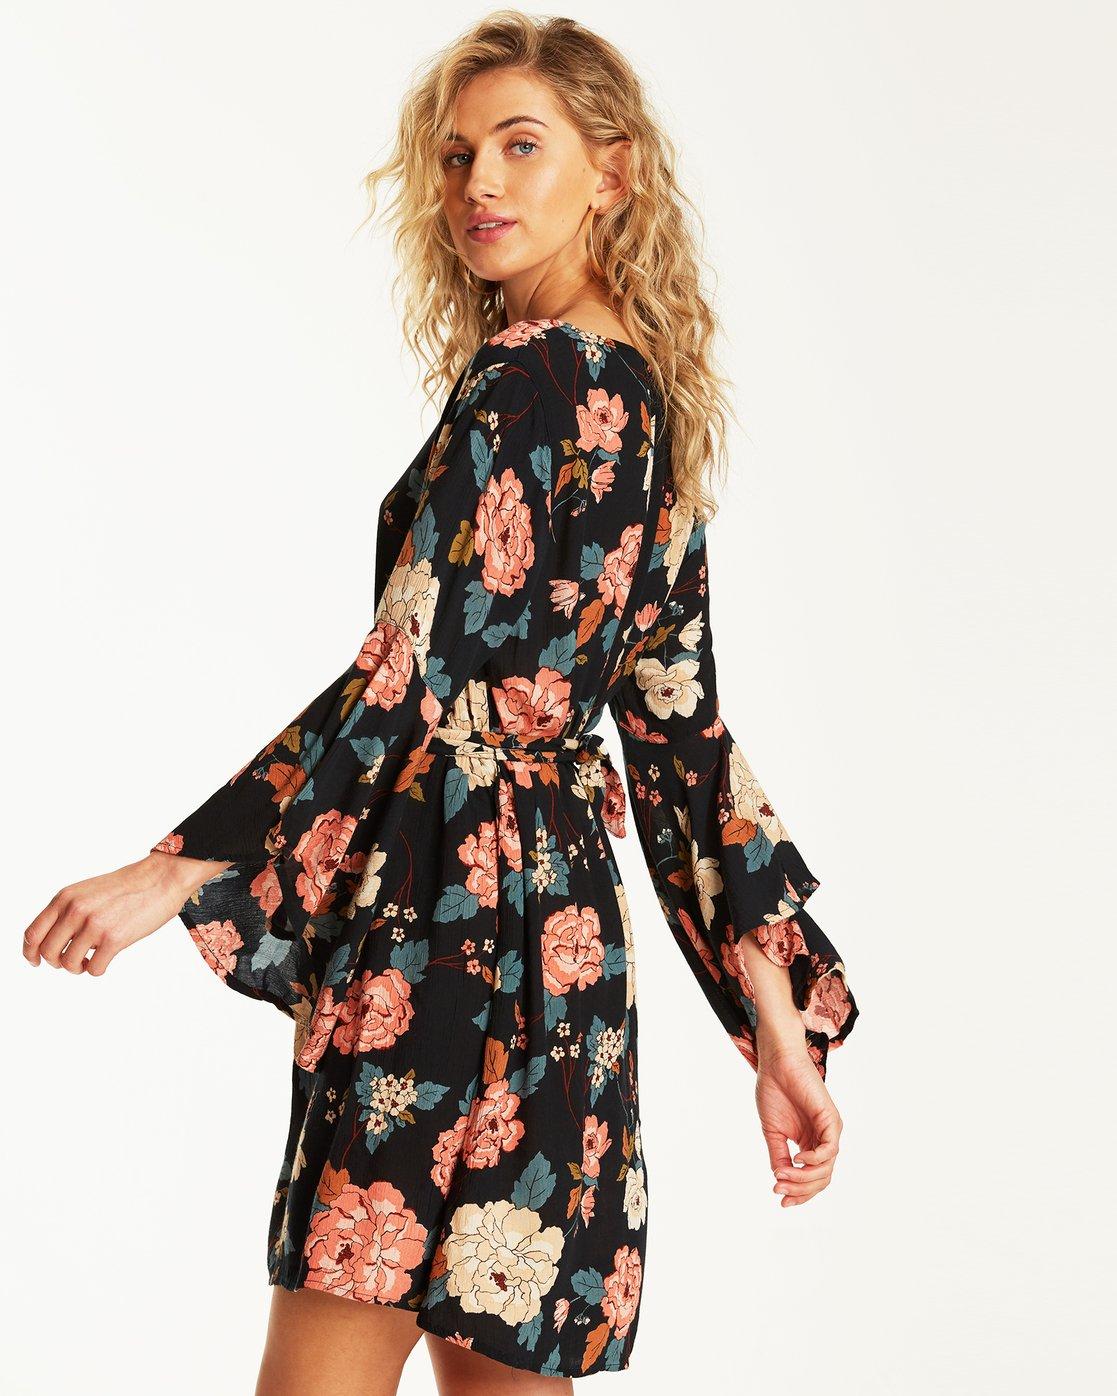 Always Love Floral Long Sleeve Dress Jd31sbal Billabong